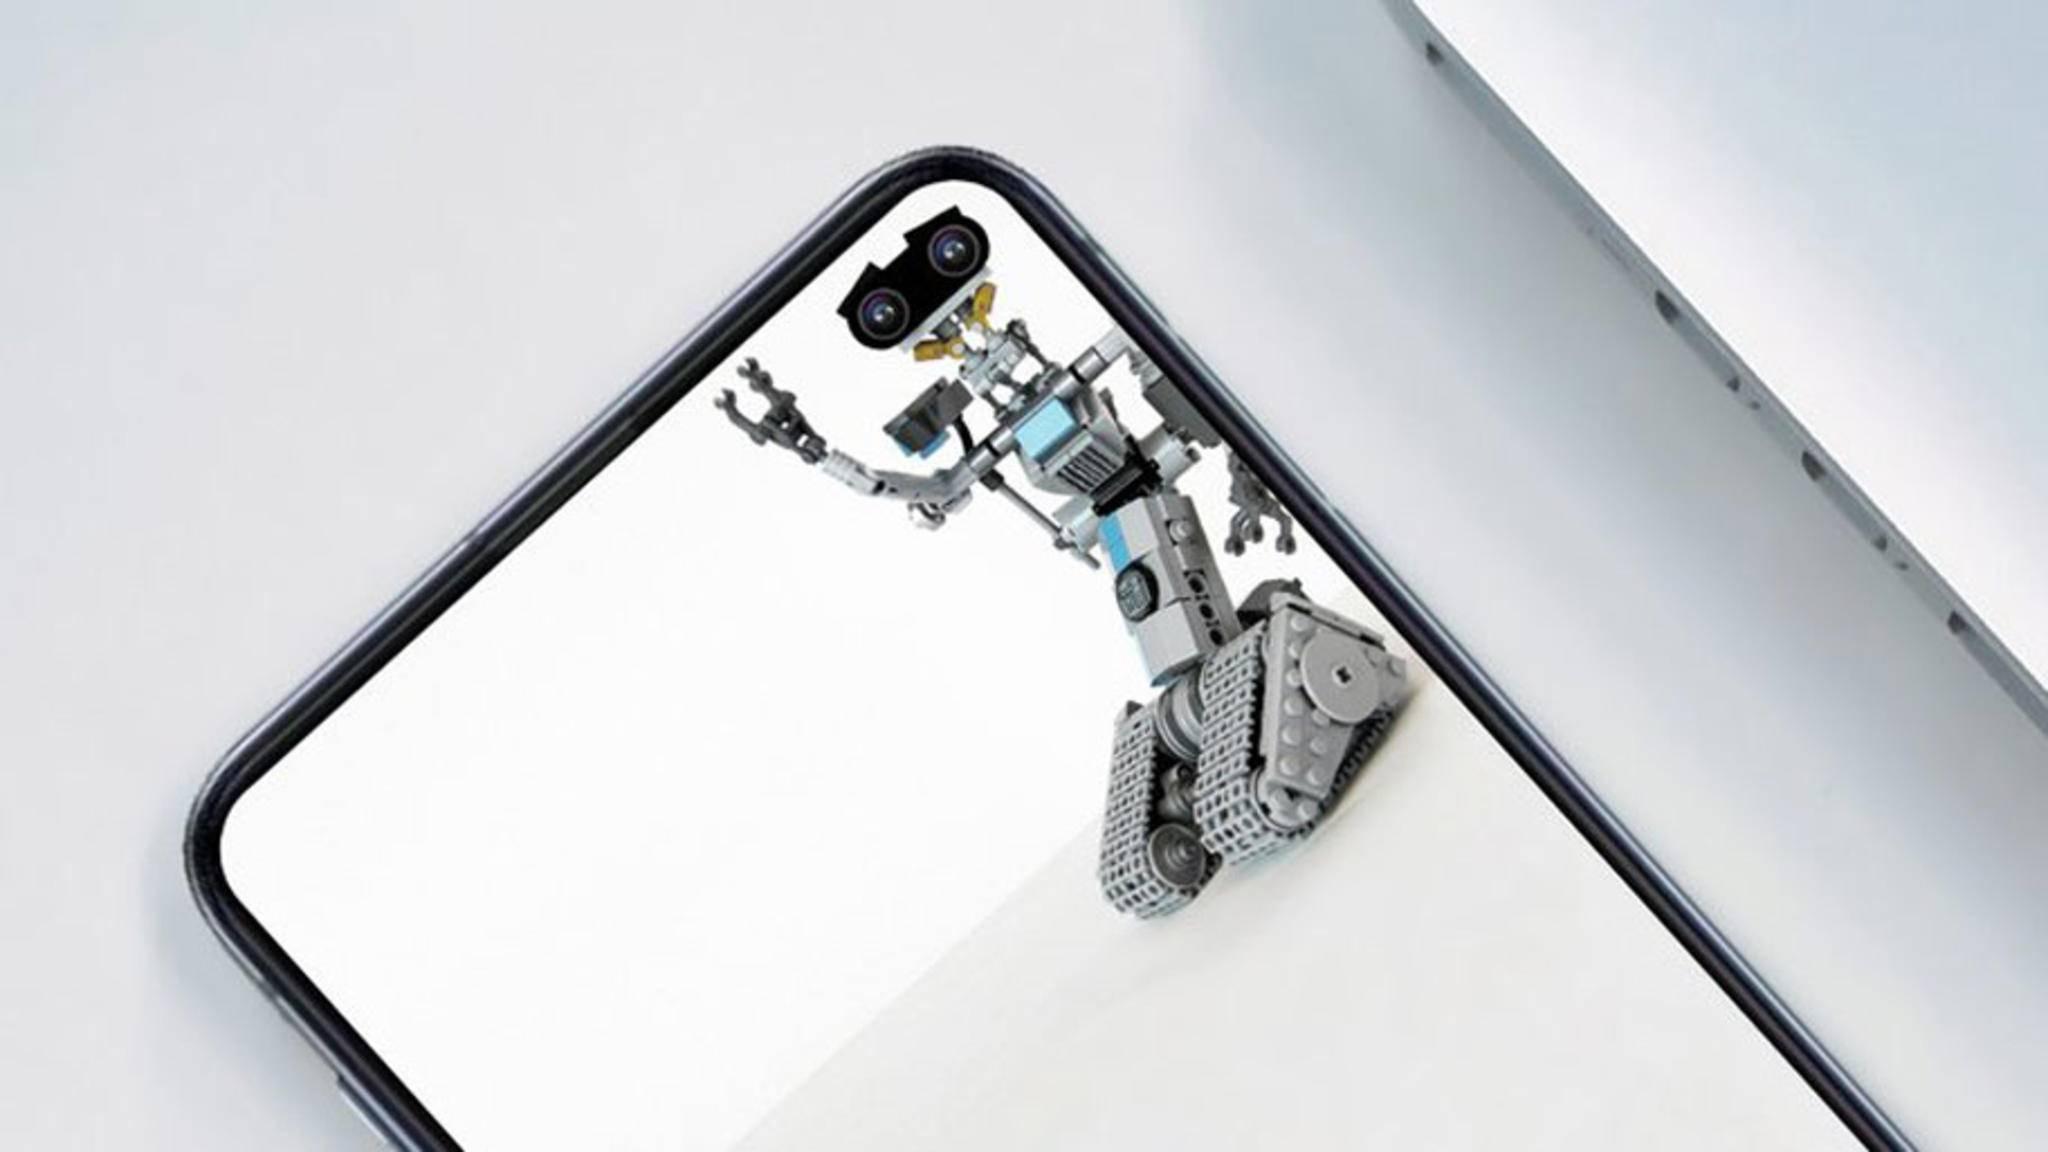 Du brauchst ein paar gute Ideen für Galaxy-S10-Wallpaper? Wir haben 9 witzige Hintergrundbilder gefunden, die die Punch-Hole-Cam gut in Szene setzen.